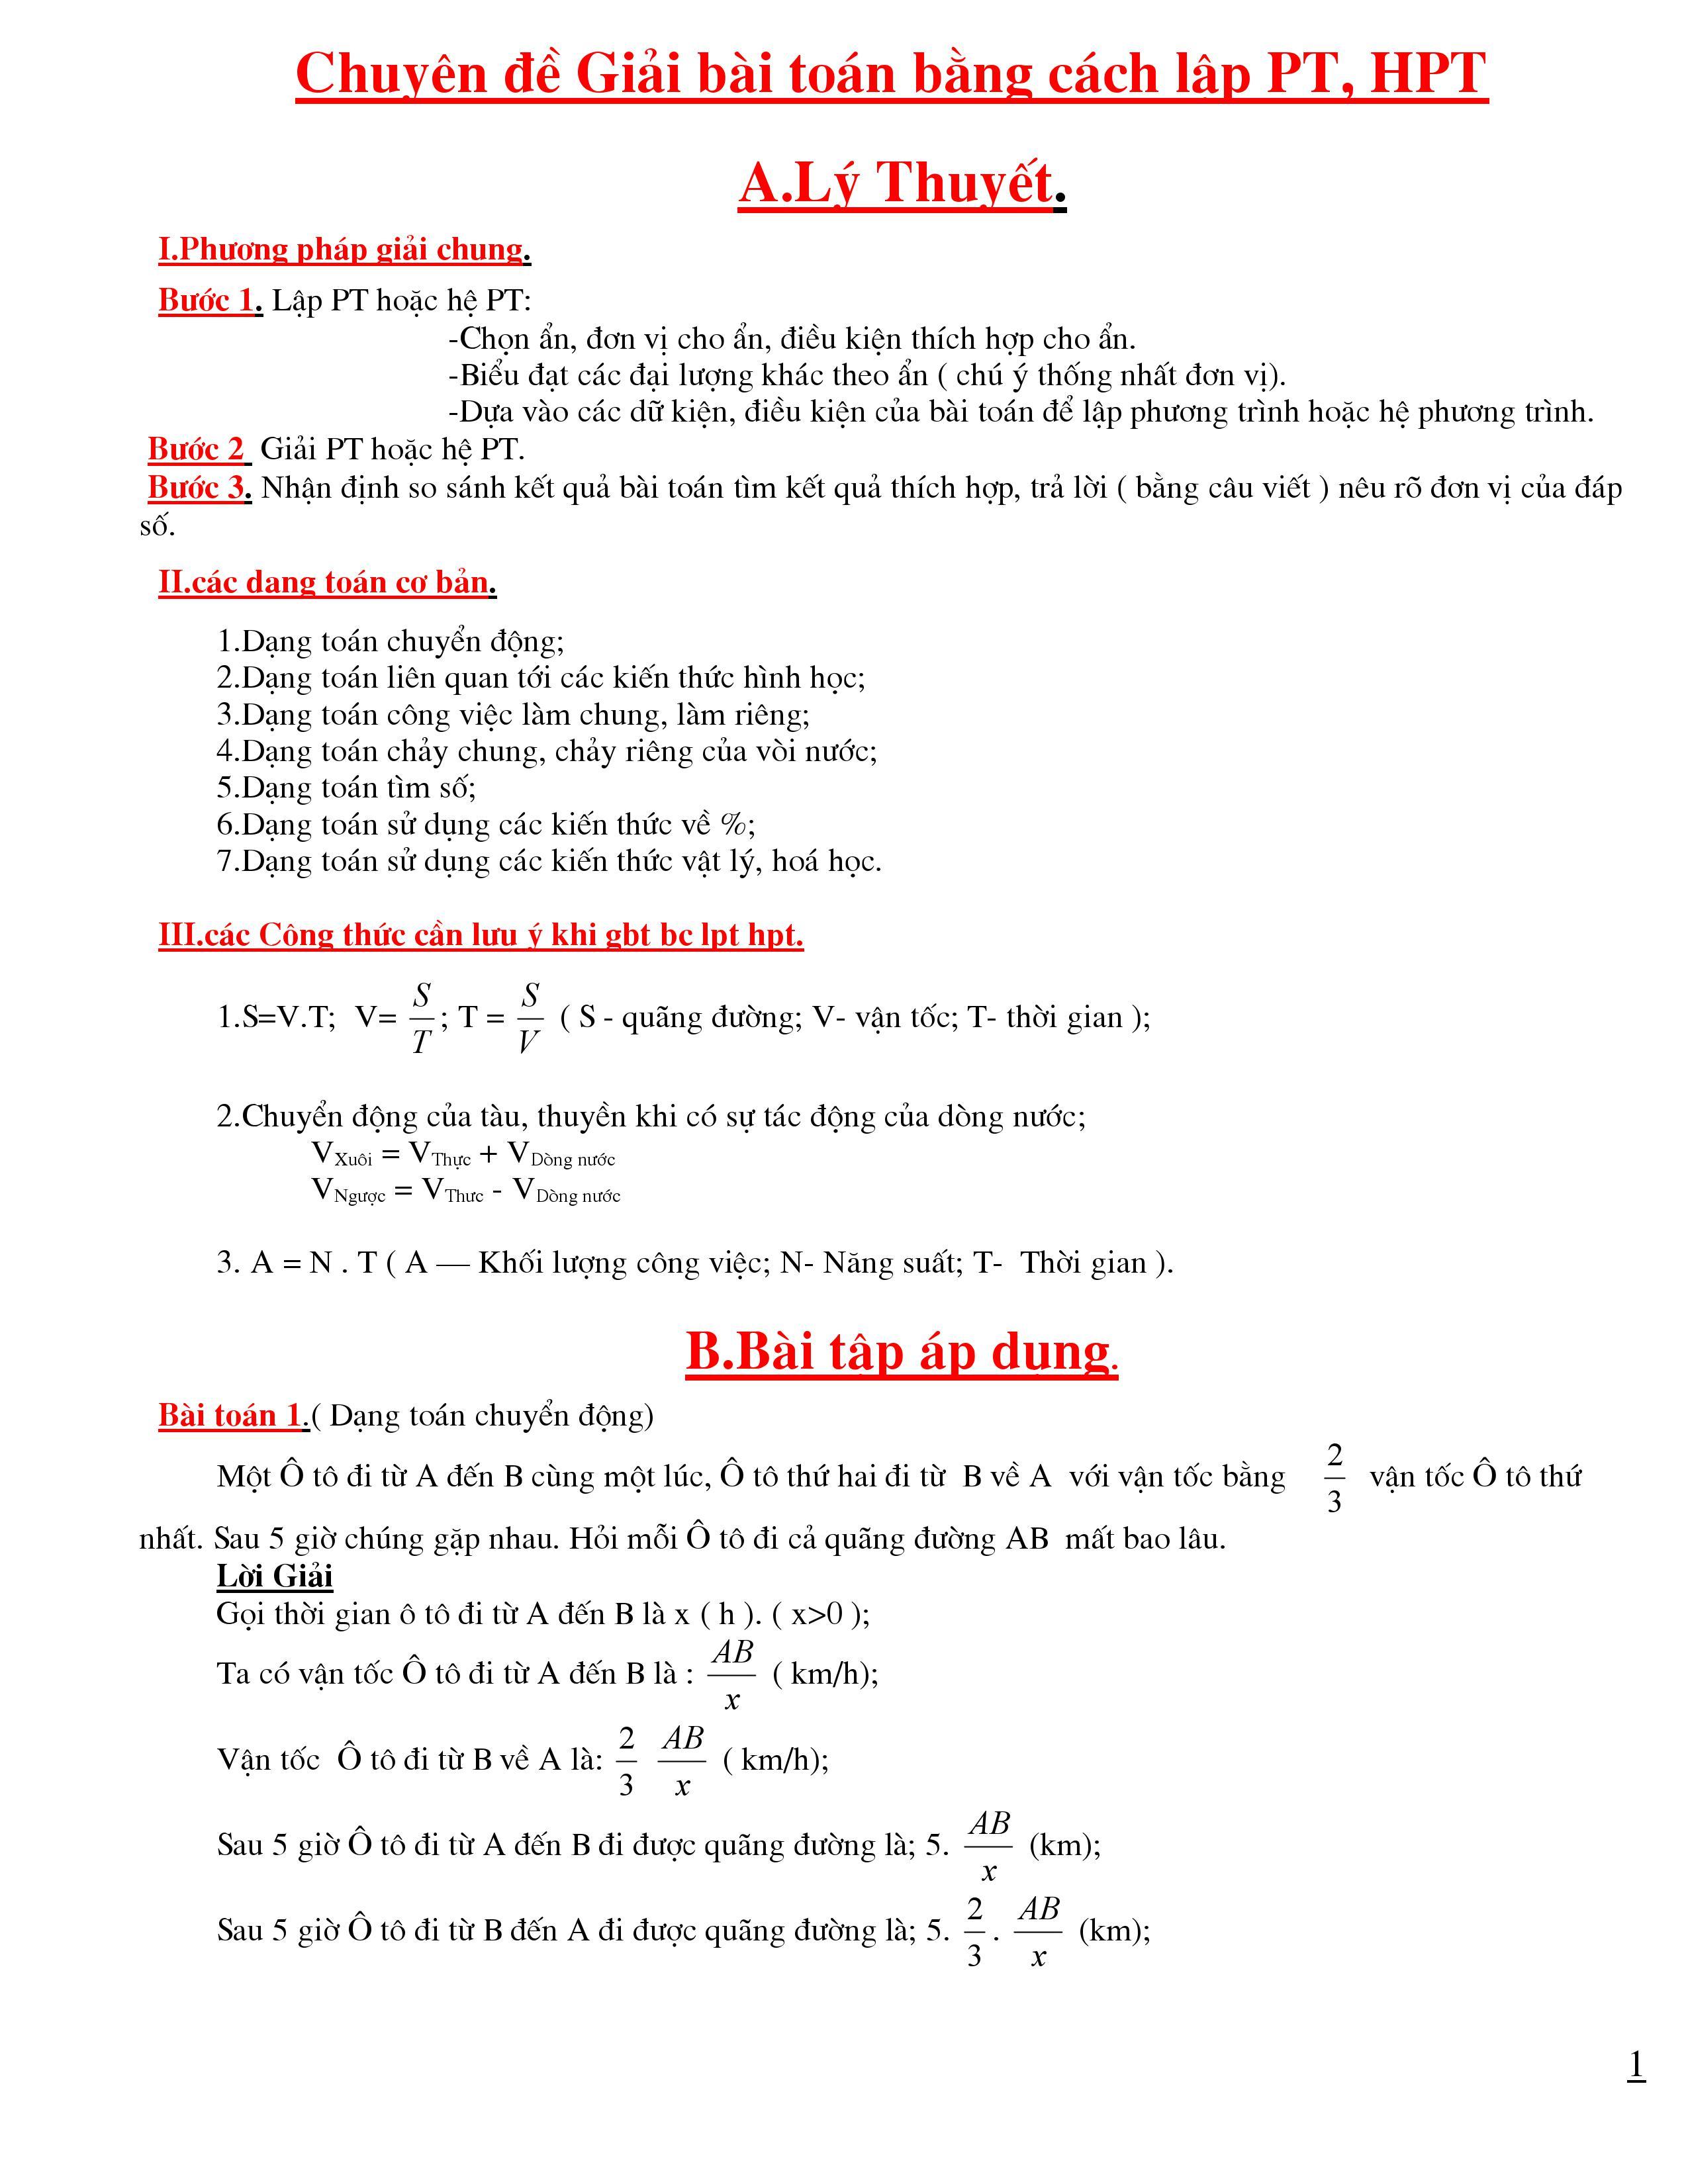 Chuyên đề giải toán bằng cách lập phương trình, hệ phương trình